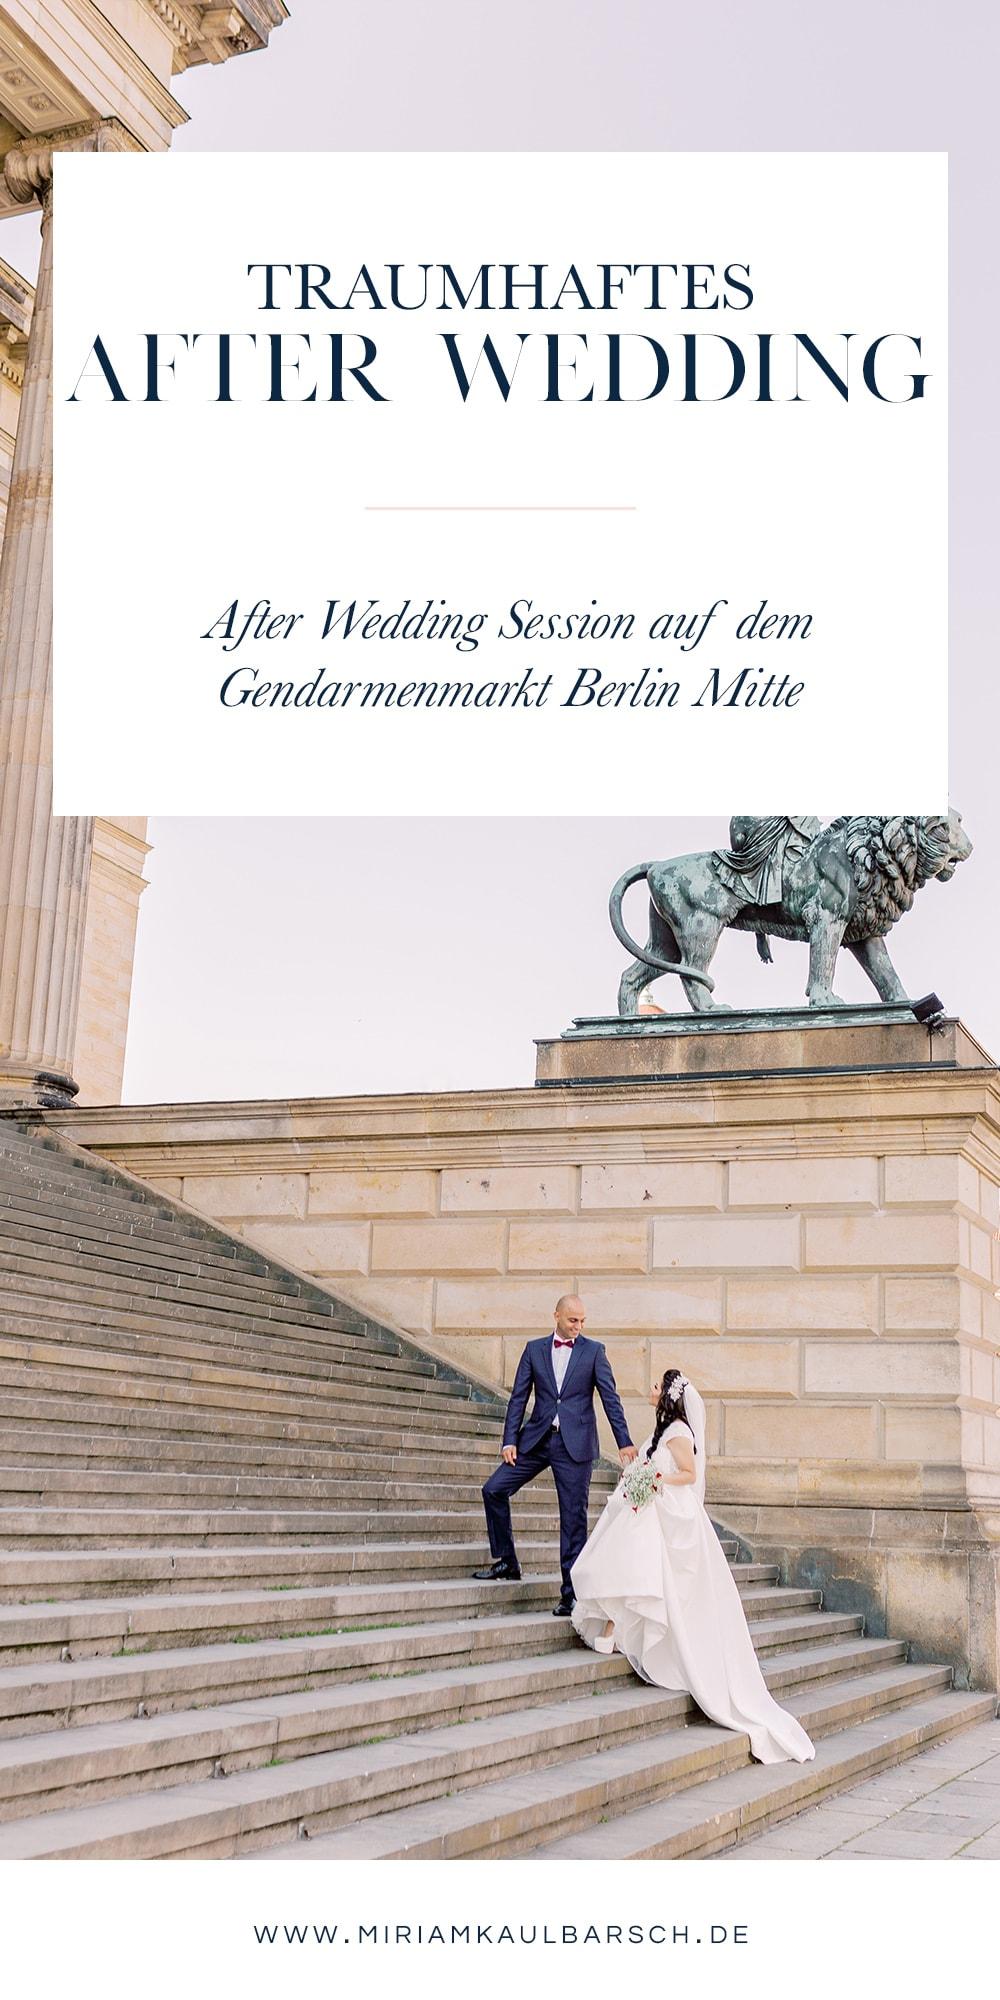 After Wedding Session auf dem Gendarmenmarkt in Berlin Mitte mit Hochzeitsfotograf Miriam Kaulbarsch